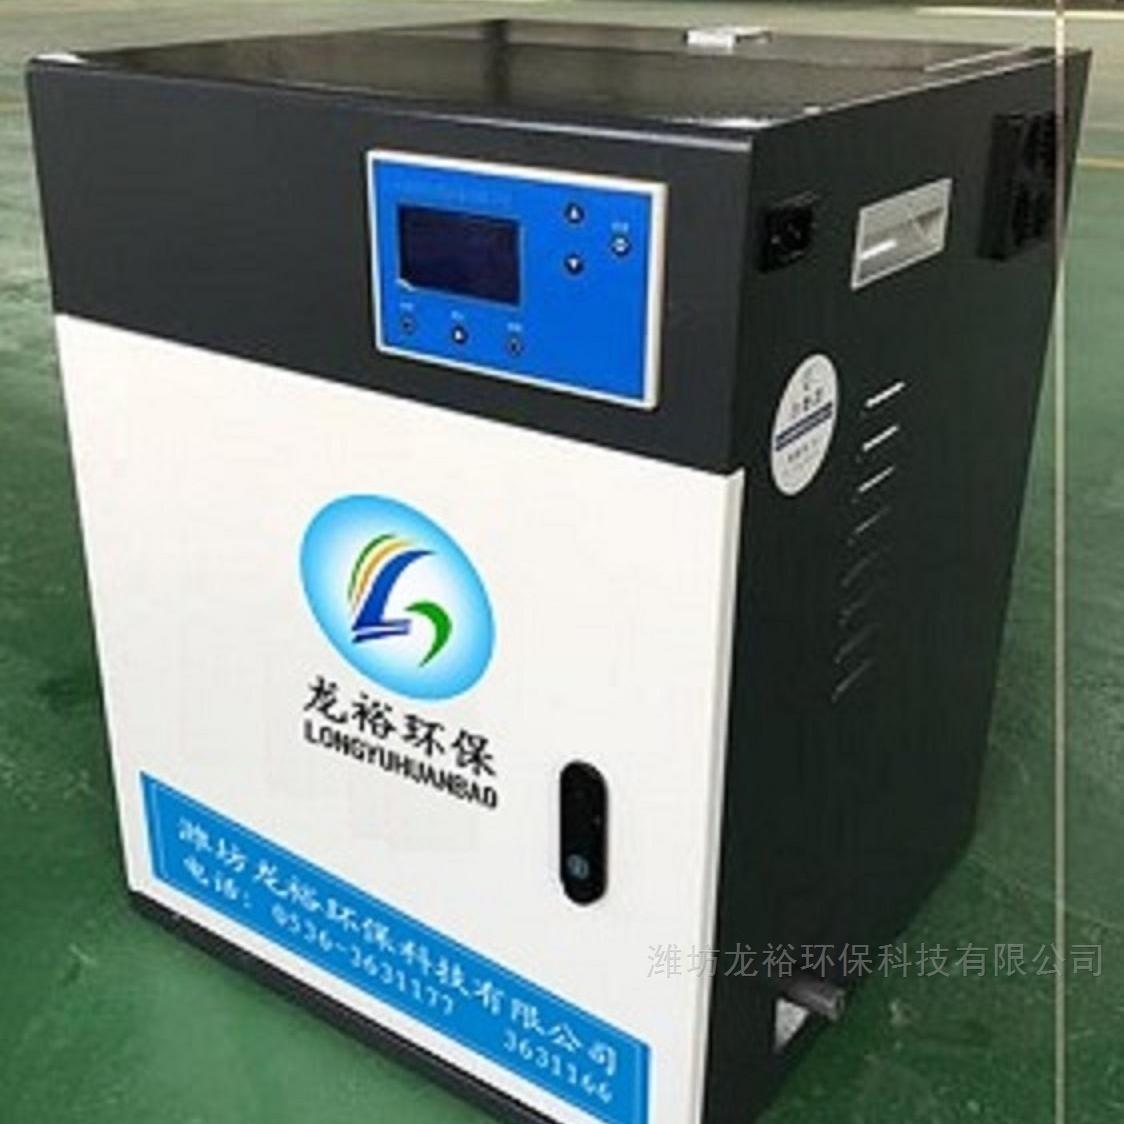 C承德小型门诊污水处理设备